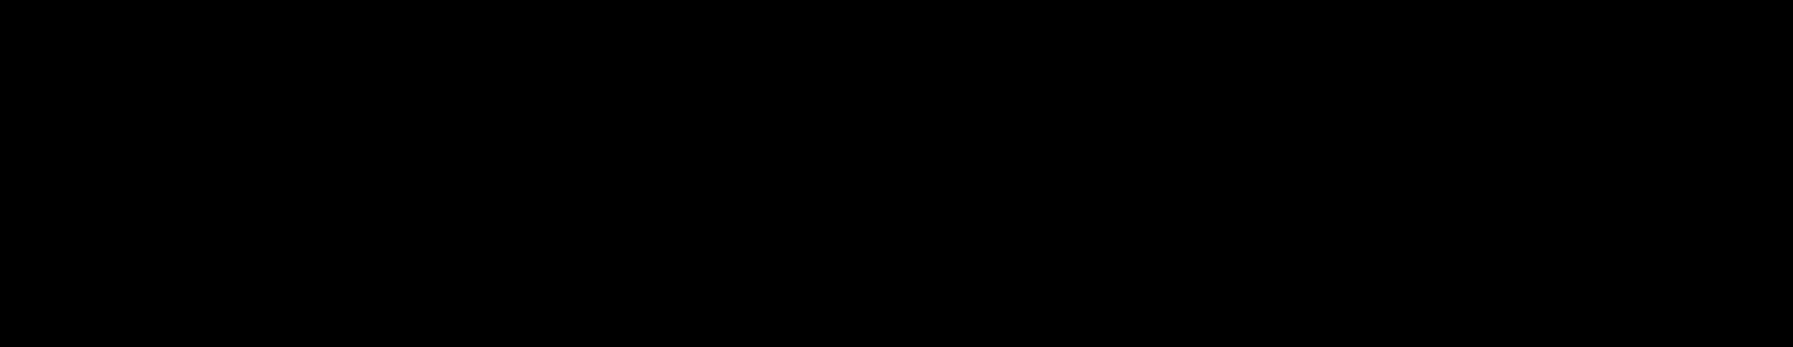 Sailfish brand logo